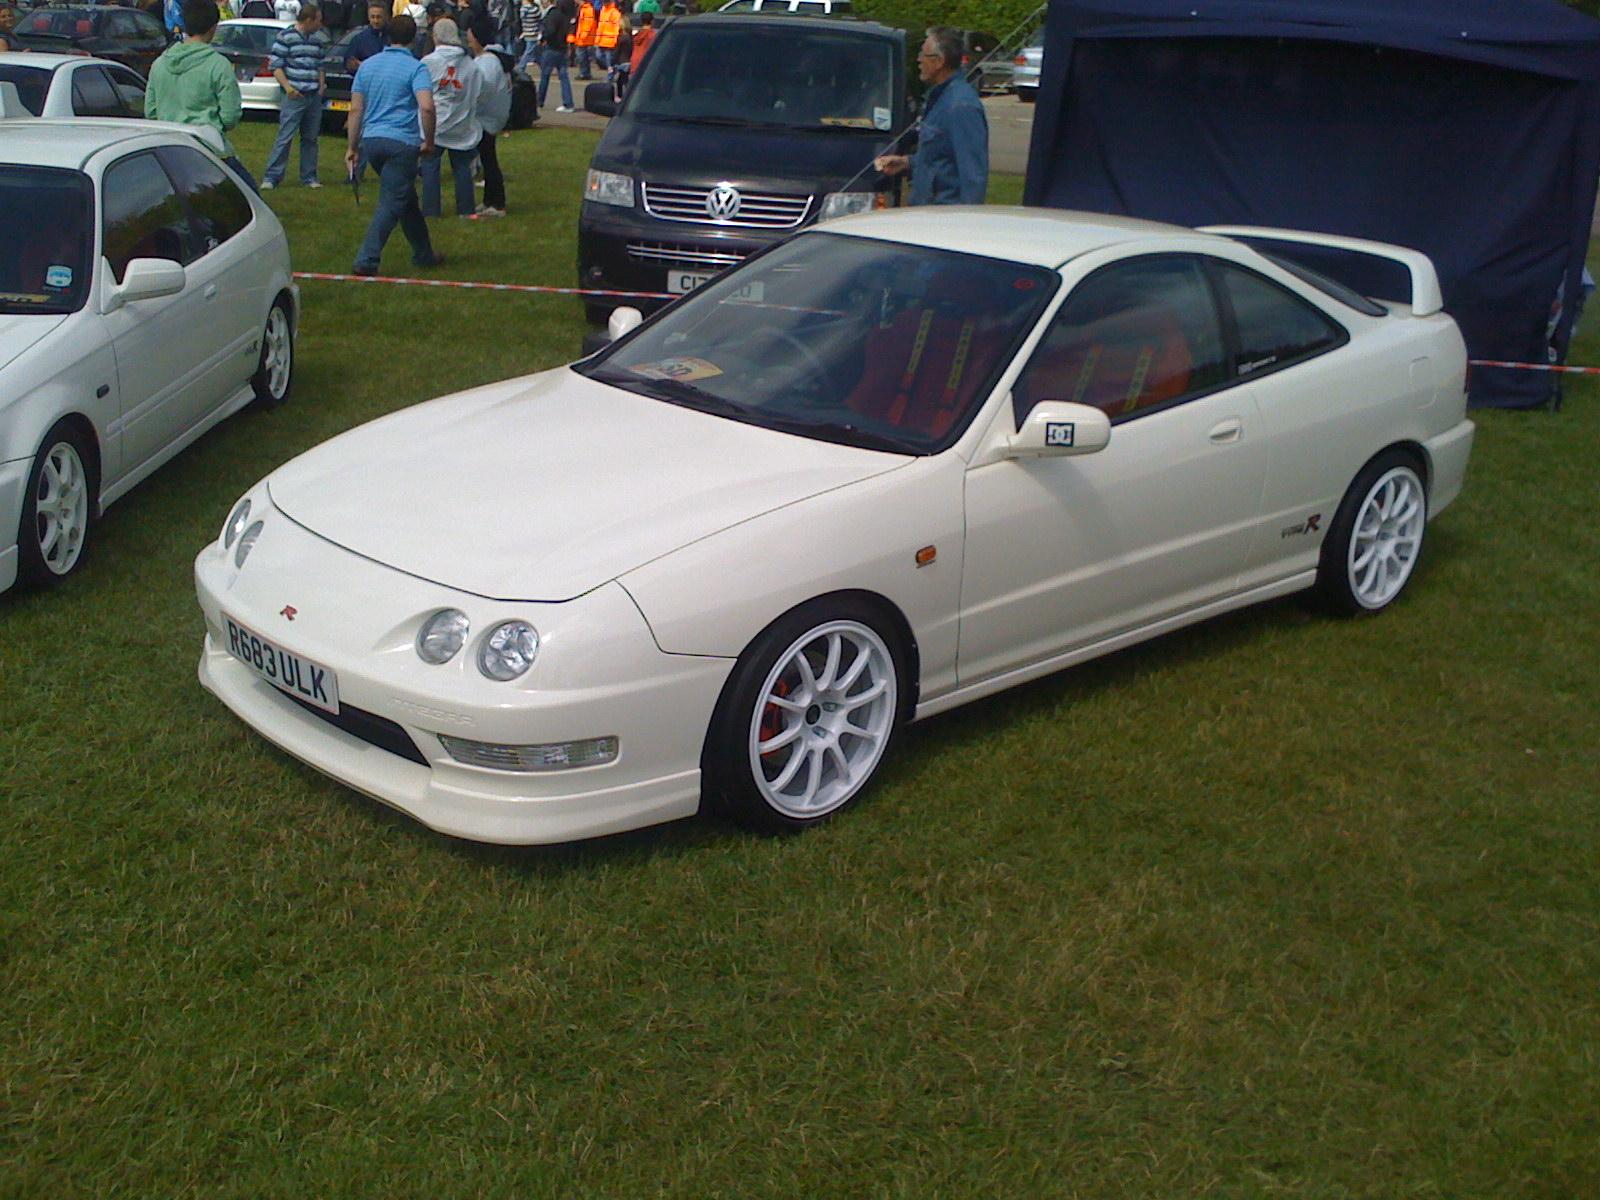 http://images.caradisiac.com/images/0/6/5/1/70651/S0-La-p-tite-sportive-du-lundi-Honda-Integra-Type-R-231658.jpg